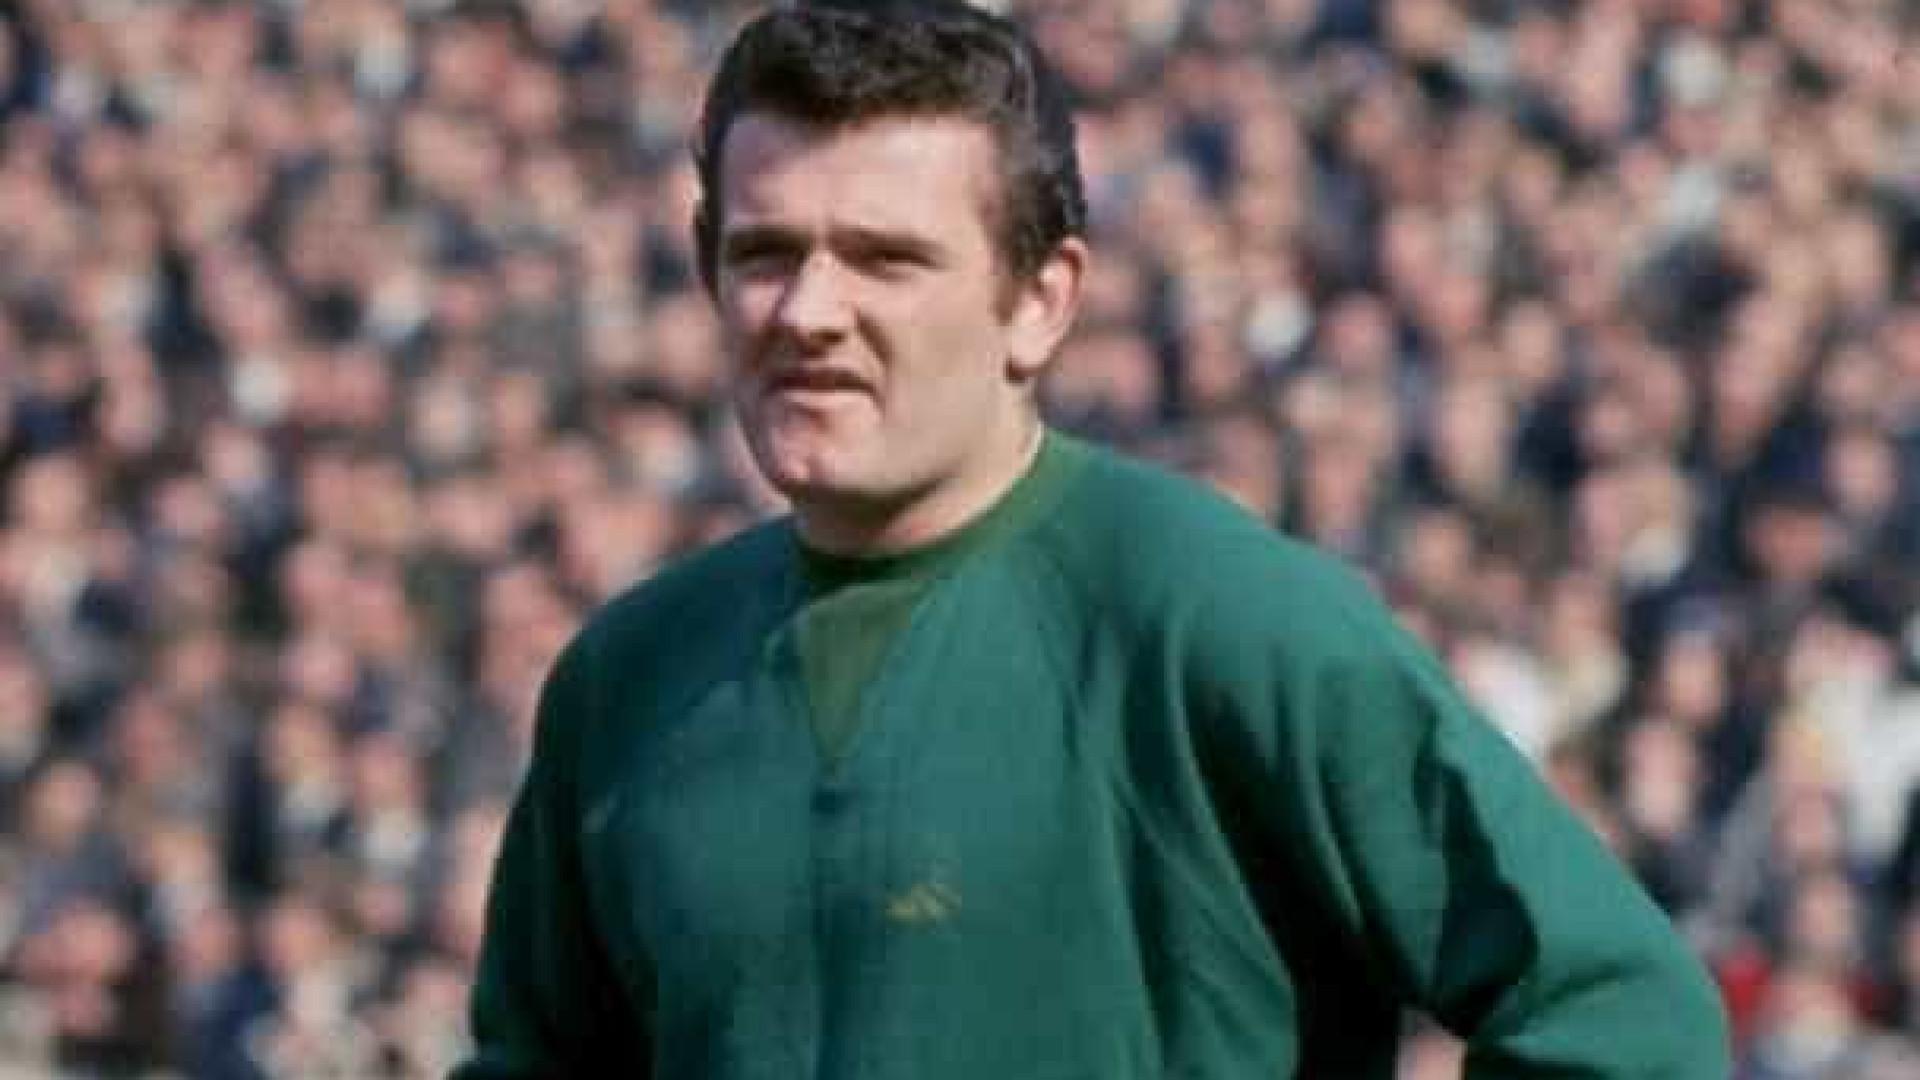 Morre ex-goleiro do Liverpool, aos 77 anos